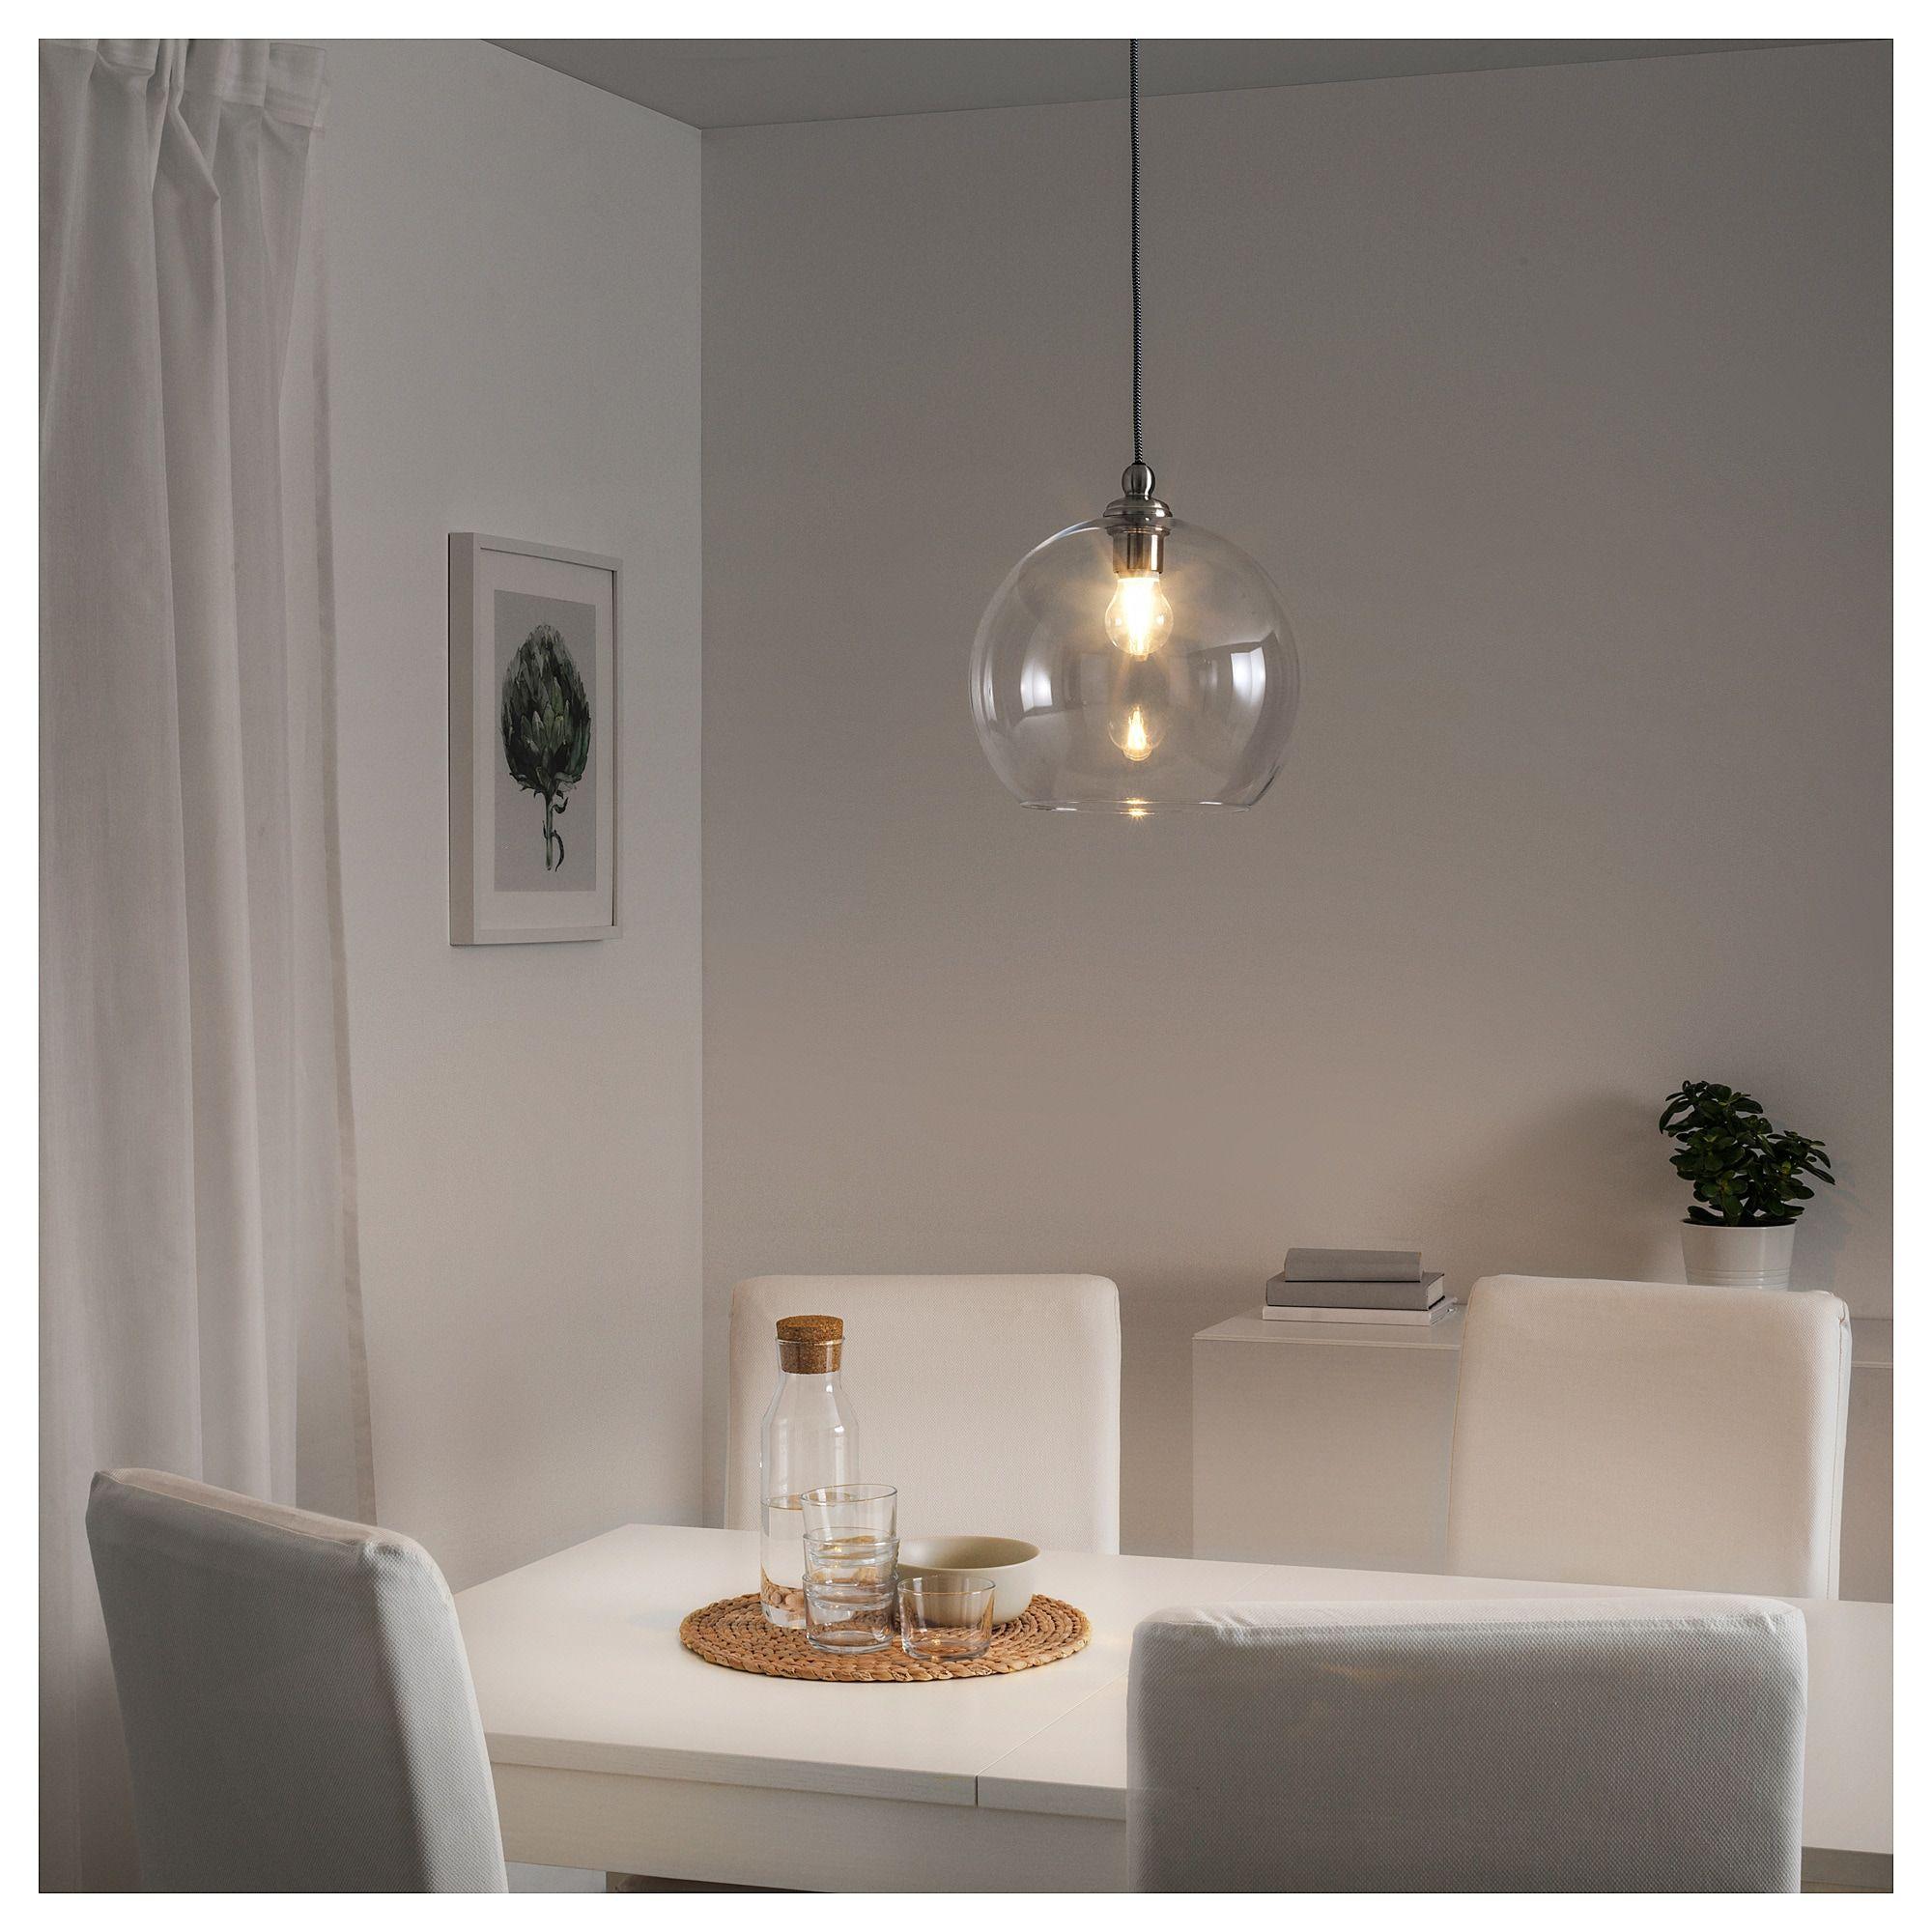 Mobel Einrichtungsideen Fur Dein Zuhause Interieur Moderne Lampen Hanglamp